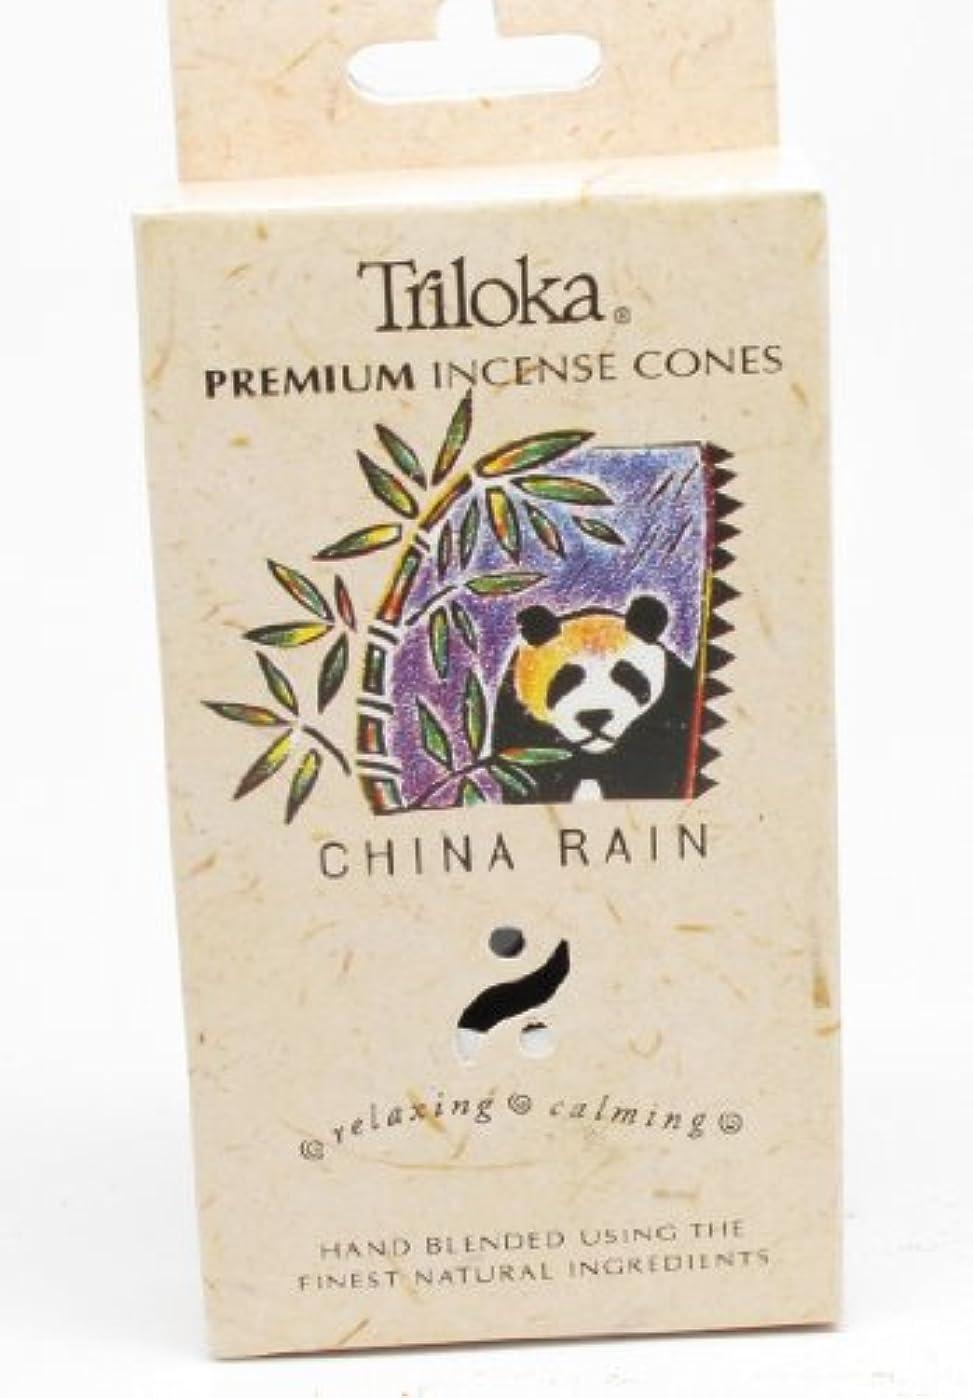 見分ける閉じる有望中国雨 – TrilokaプレミアムCone Incense